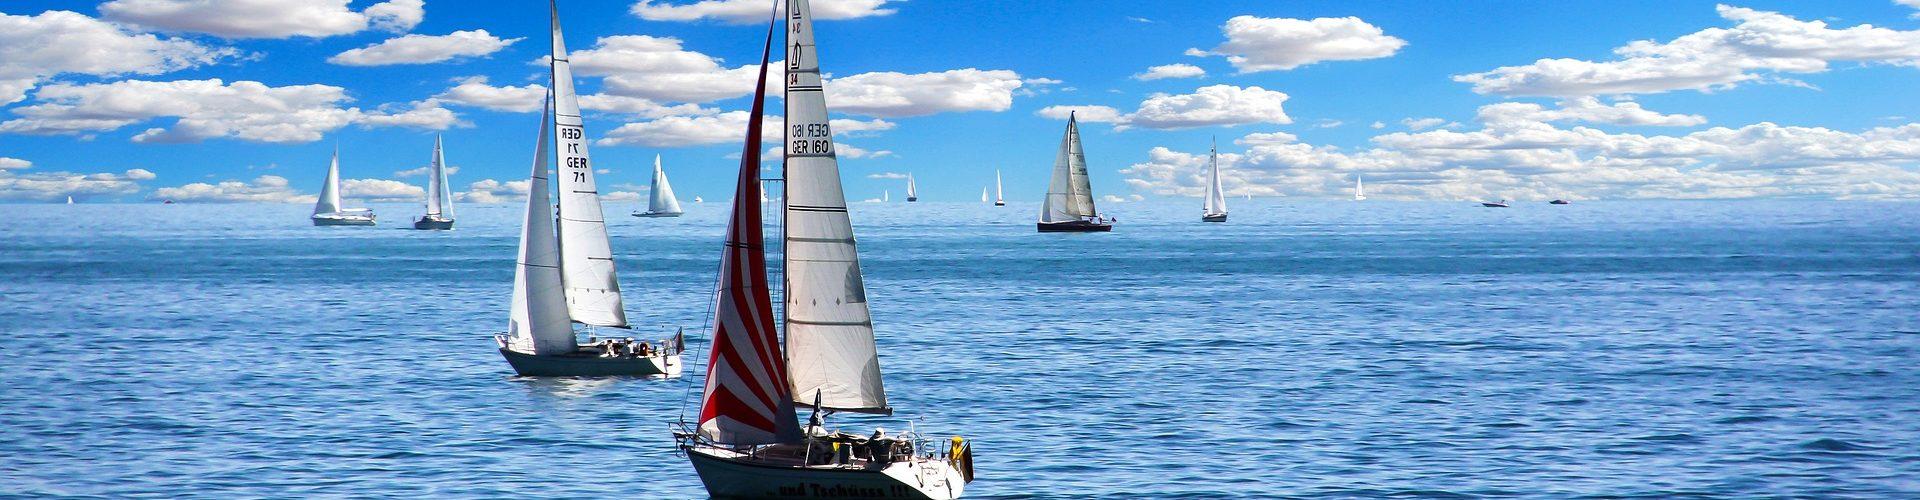 segeln lernen in Lingen segelschein machen in Lingen 1920x500 - Segeln lernen in Lingen